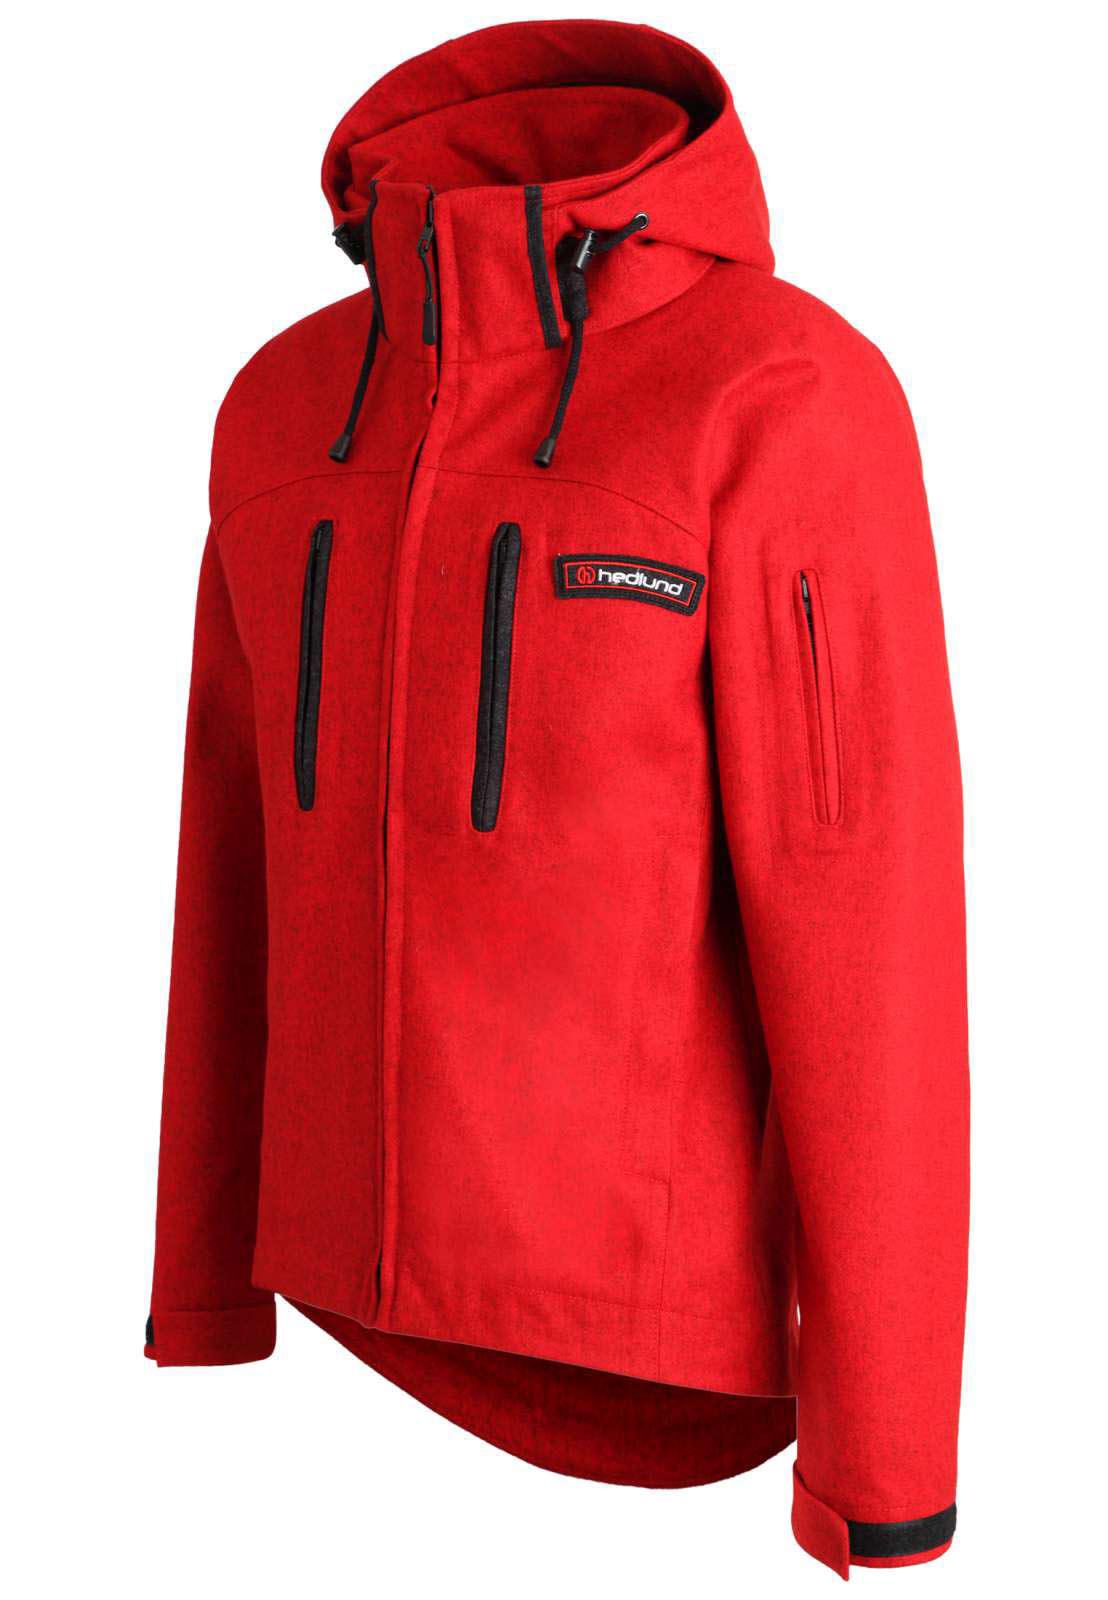 hedlund herren Alpin - Softshelljacke aus Wolle - Grenland mid red